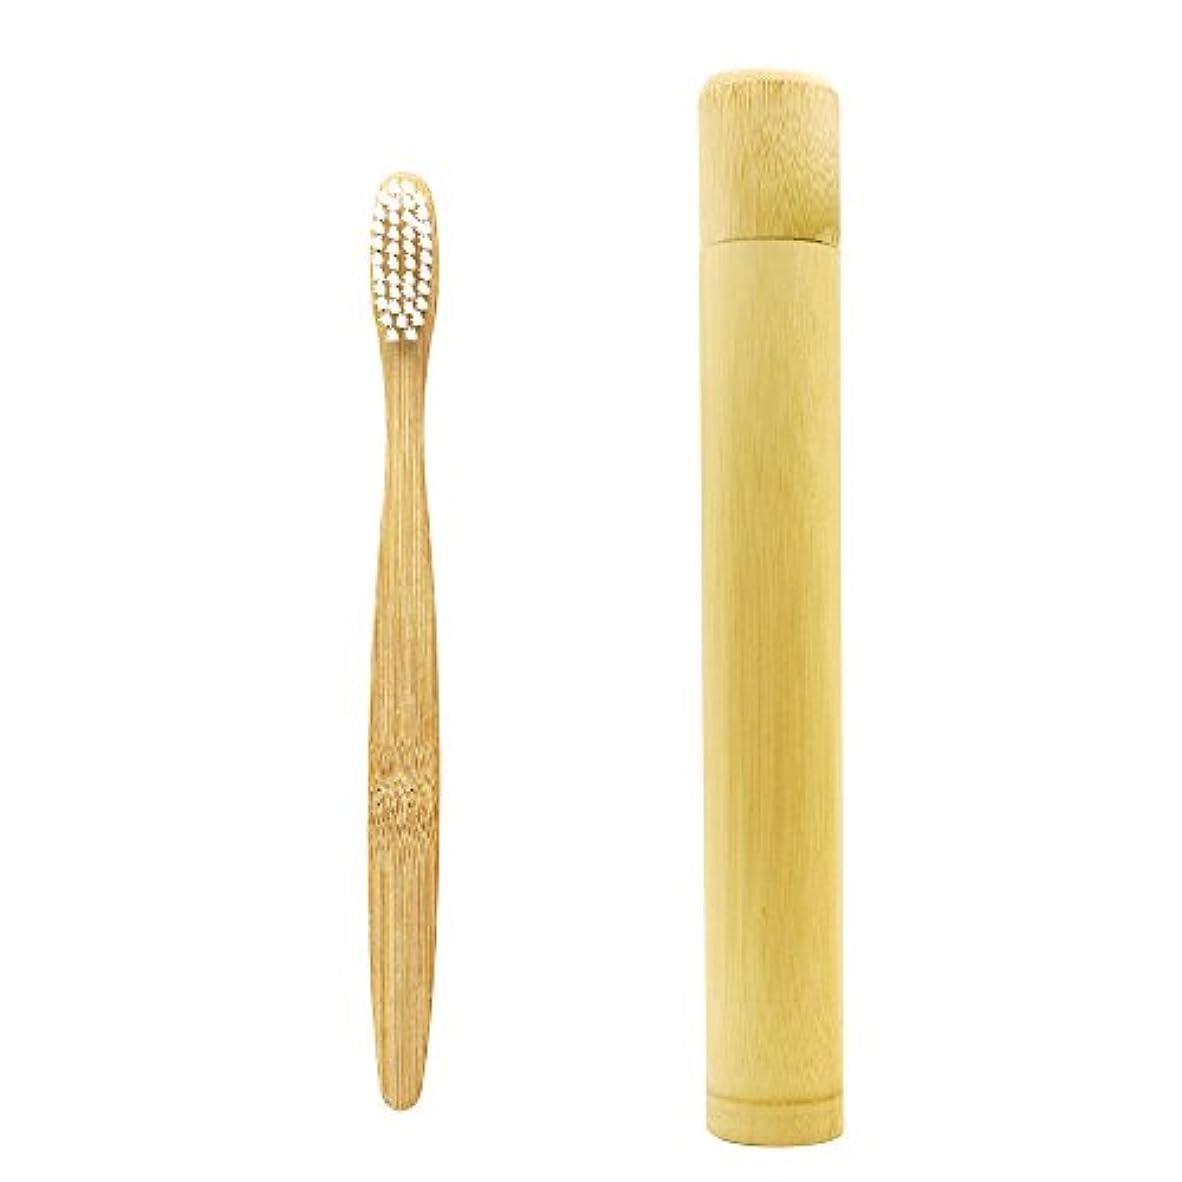 うめき飛行場広告するMaxcrestas - BPAフリーナイロンを清掃1 PC/竹炭チューブ歯ブラシ天然繊維ウルトラソフト竹炭ブラシ歯